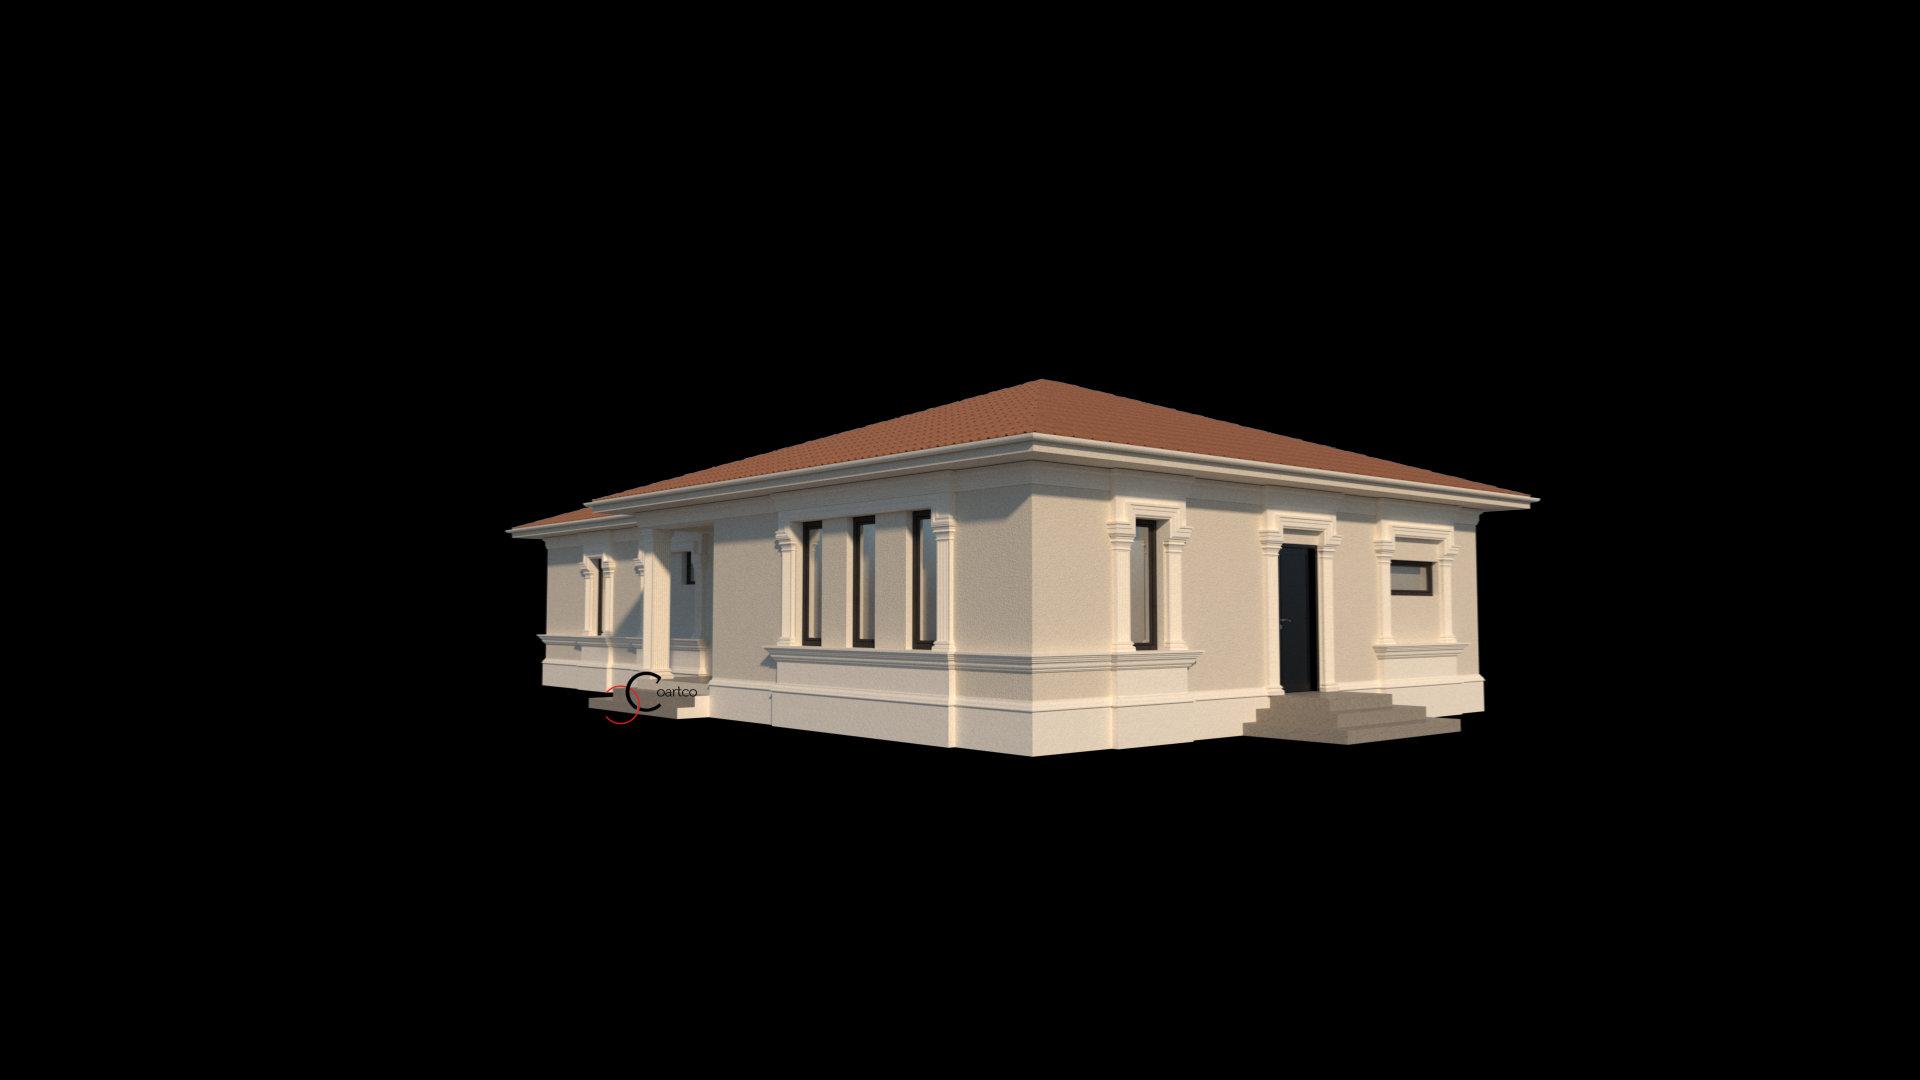 elementele arhitecturale sunt alese cu grija